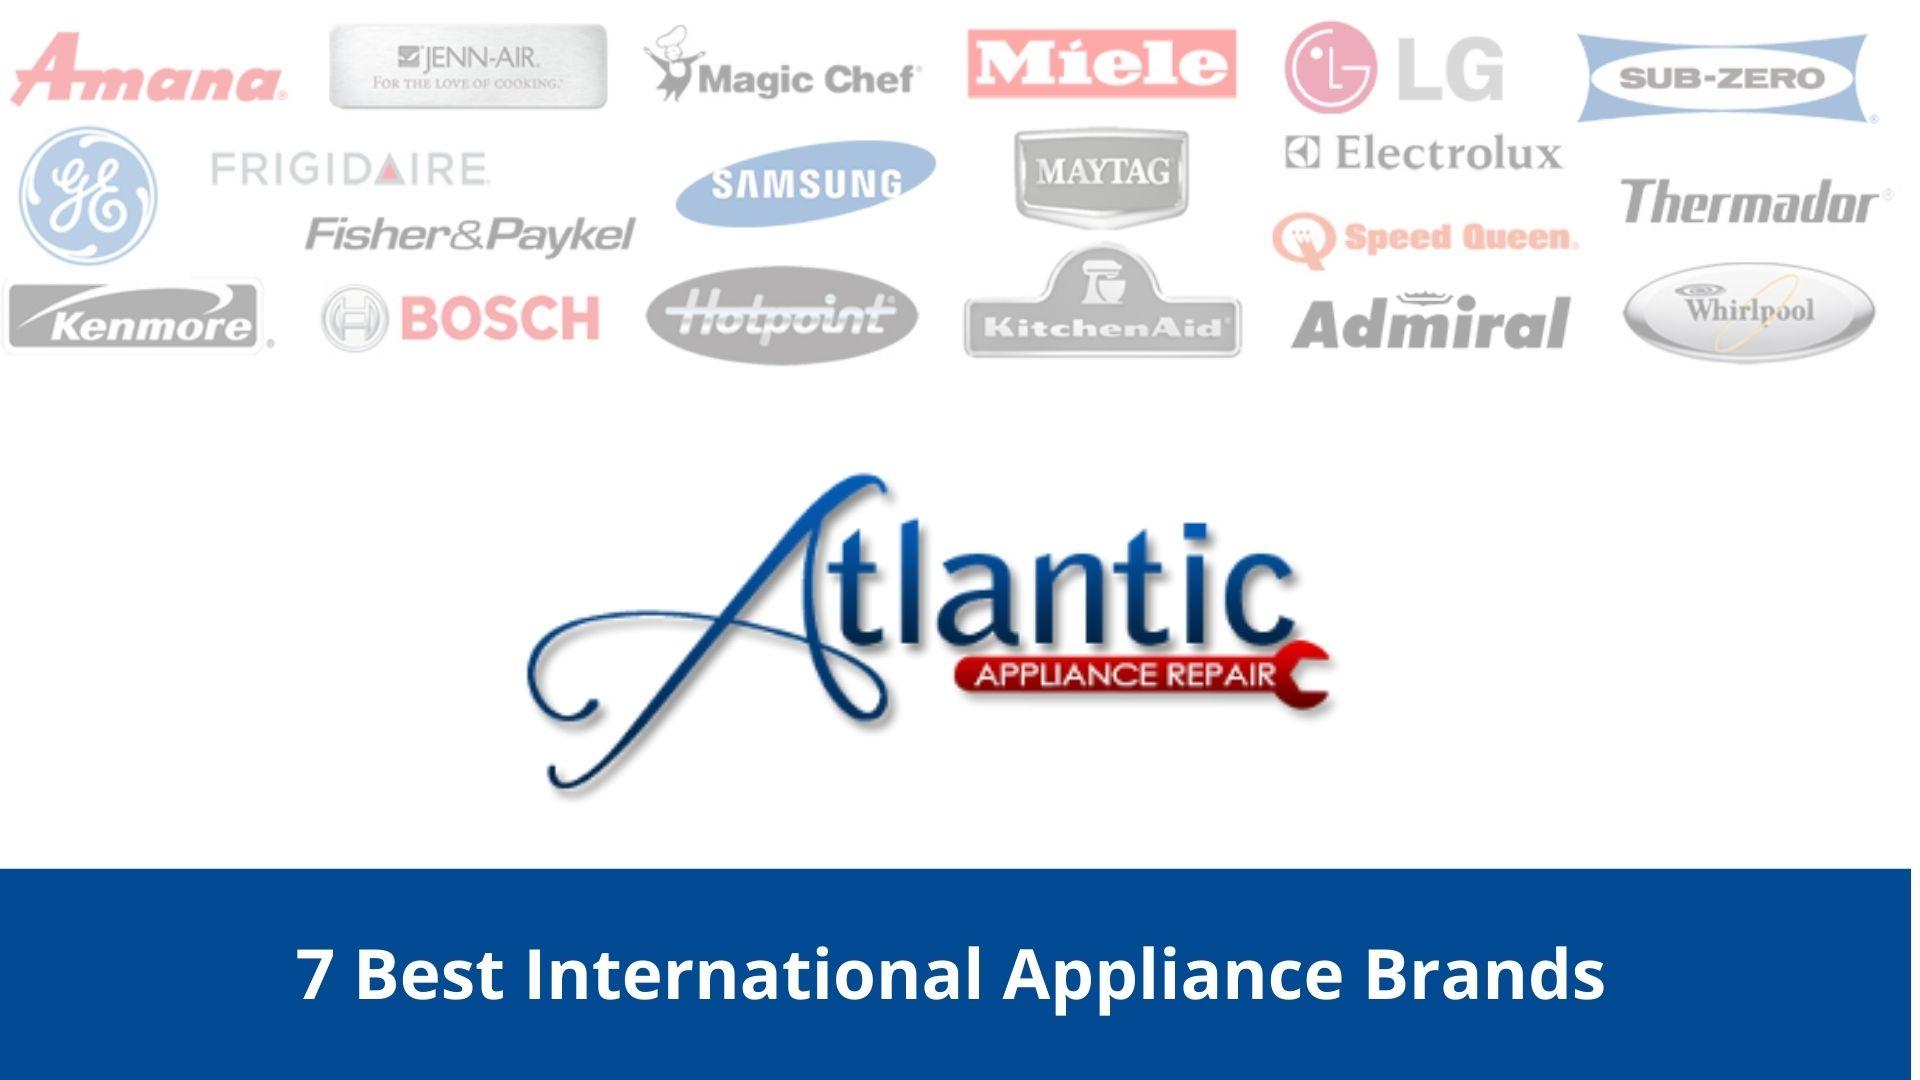 International appliance brands